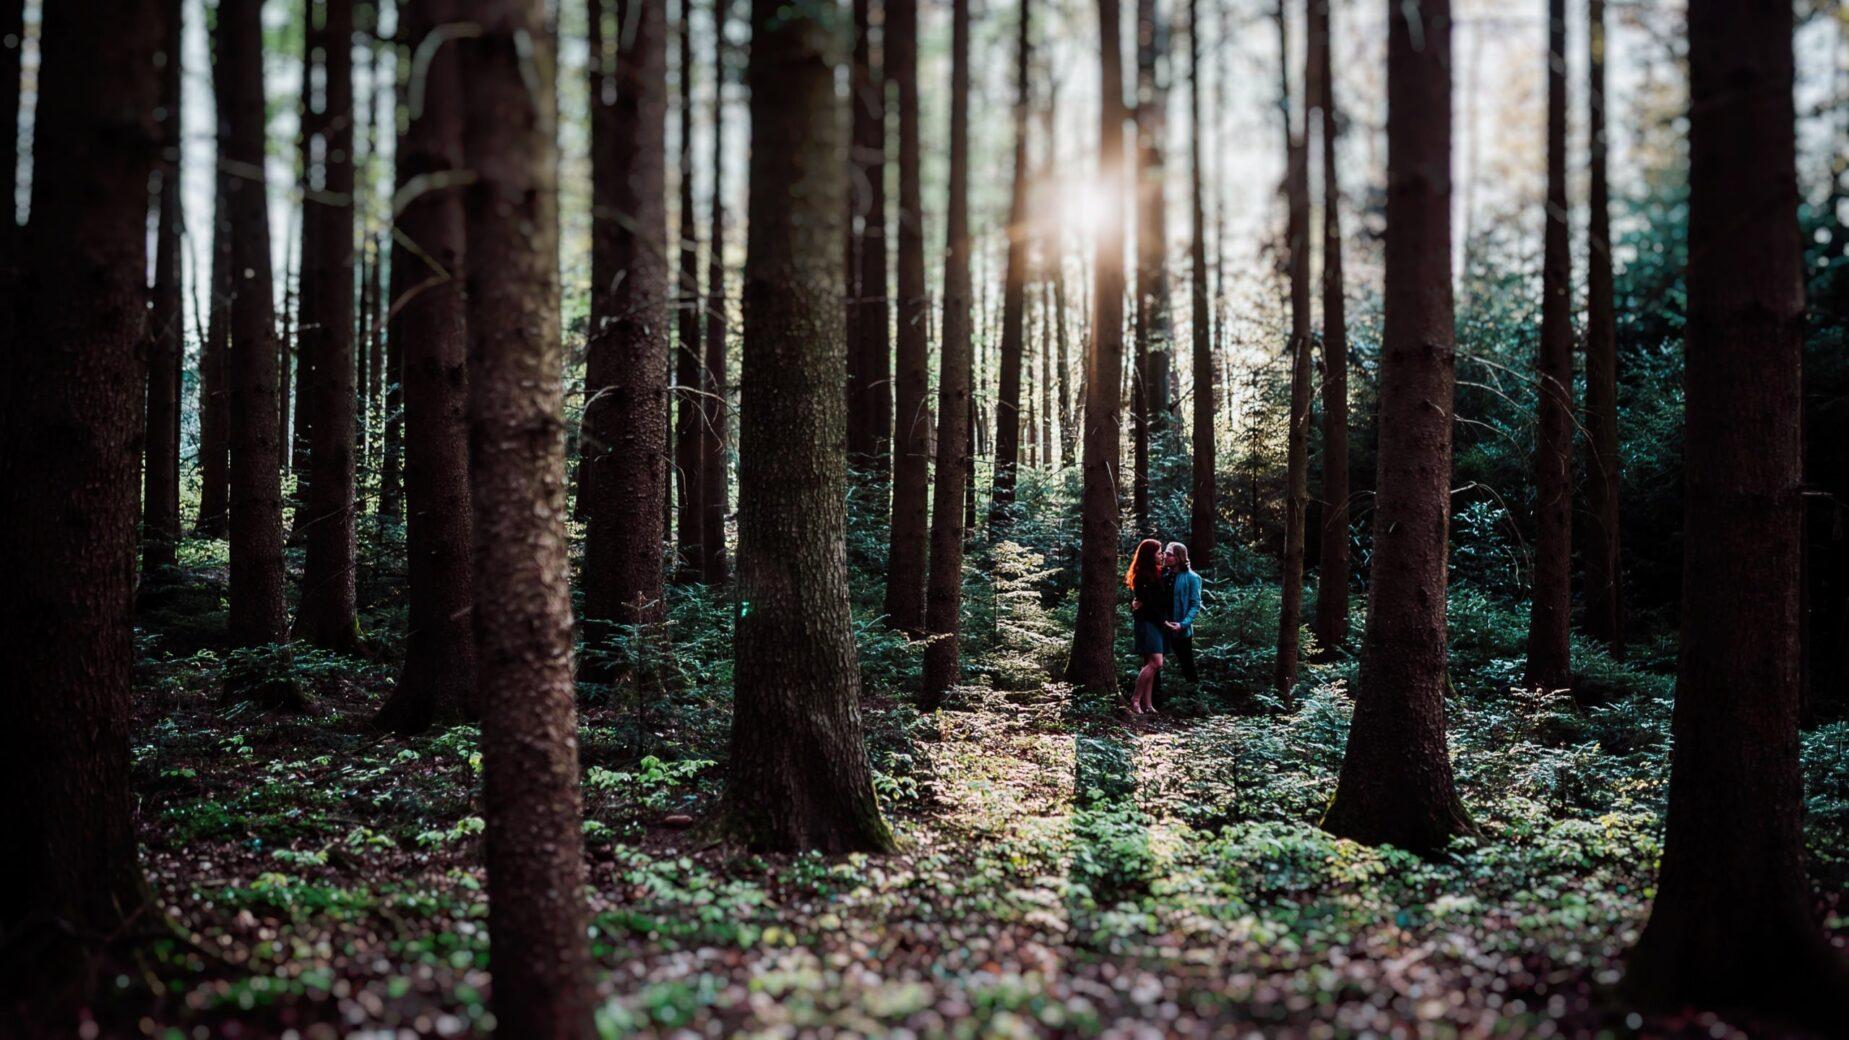 Pärchenfotos bei Abendsonne im Wald, Frau mit roten Locken, Waldshooting